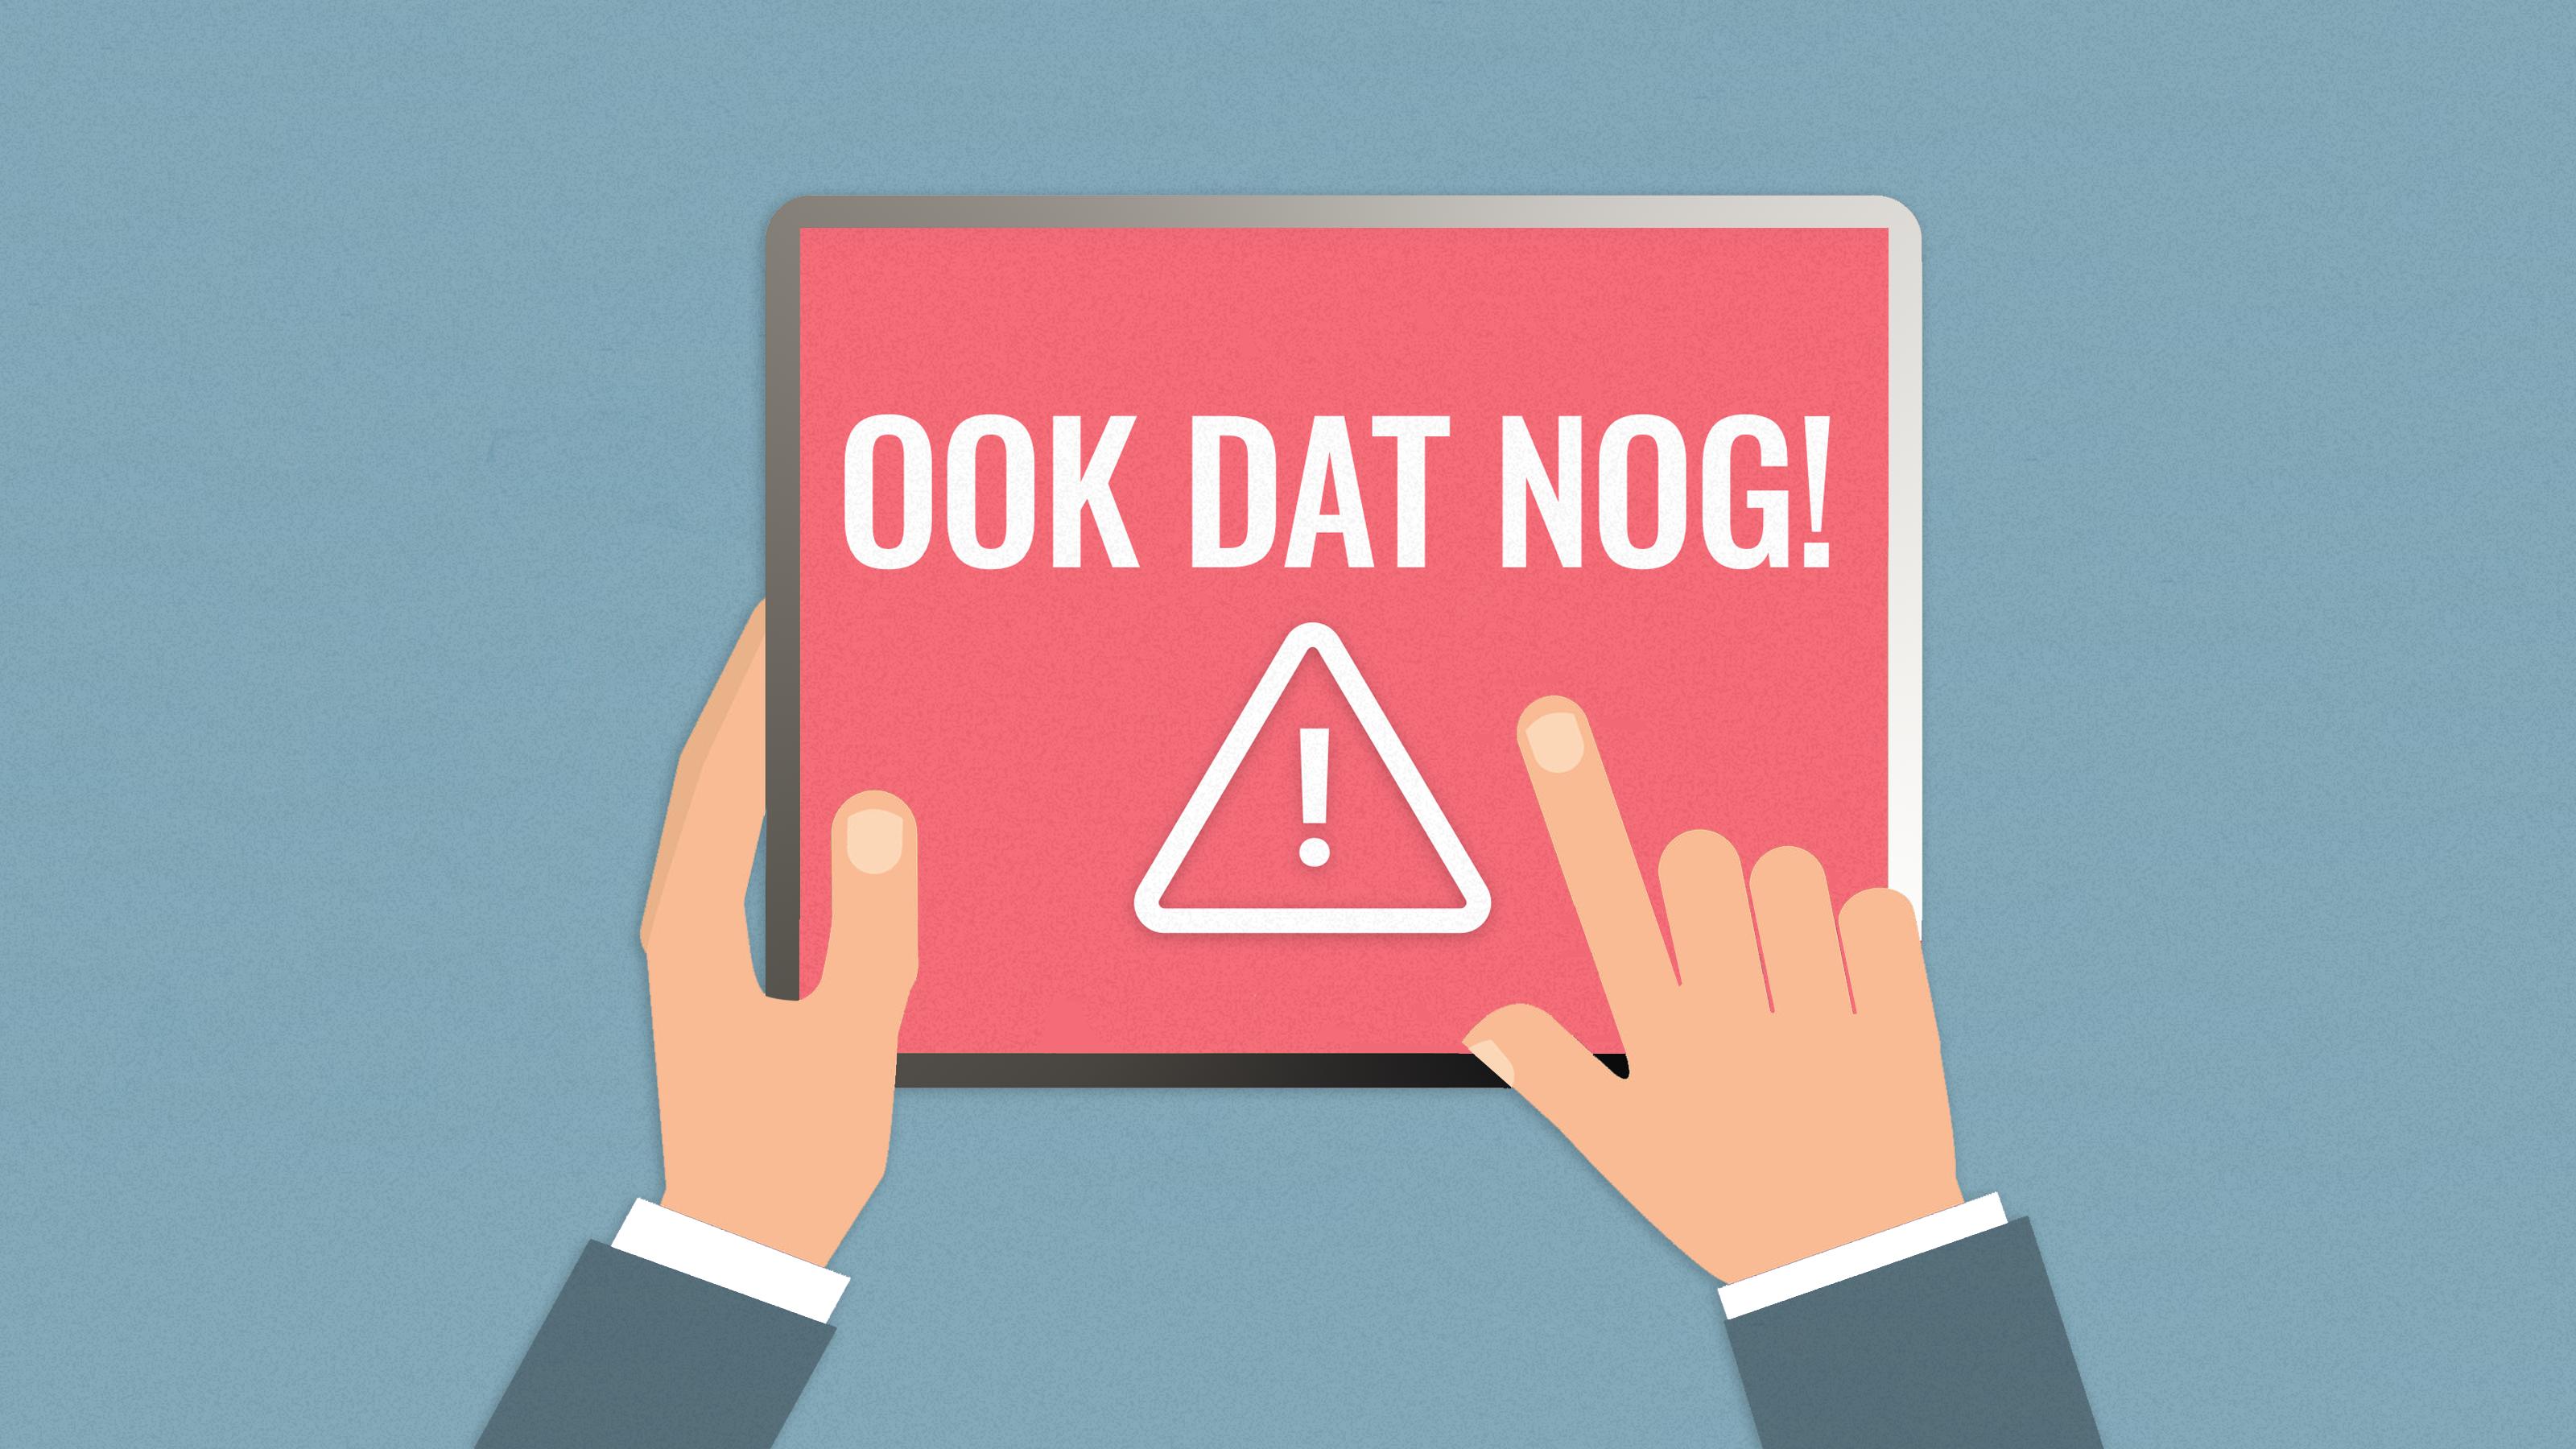 Monteur vergeet bij Elisabeth Heijnen uit Koog aan de Zaan gaskraan open te draaien na herstelwerkzaamheden